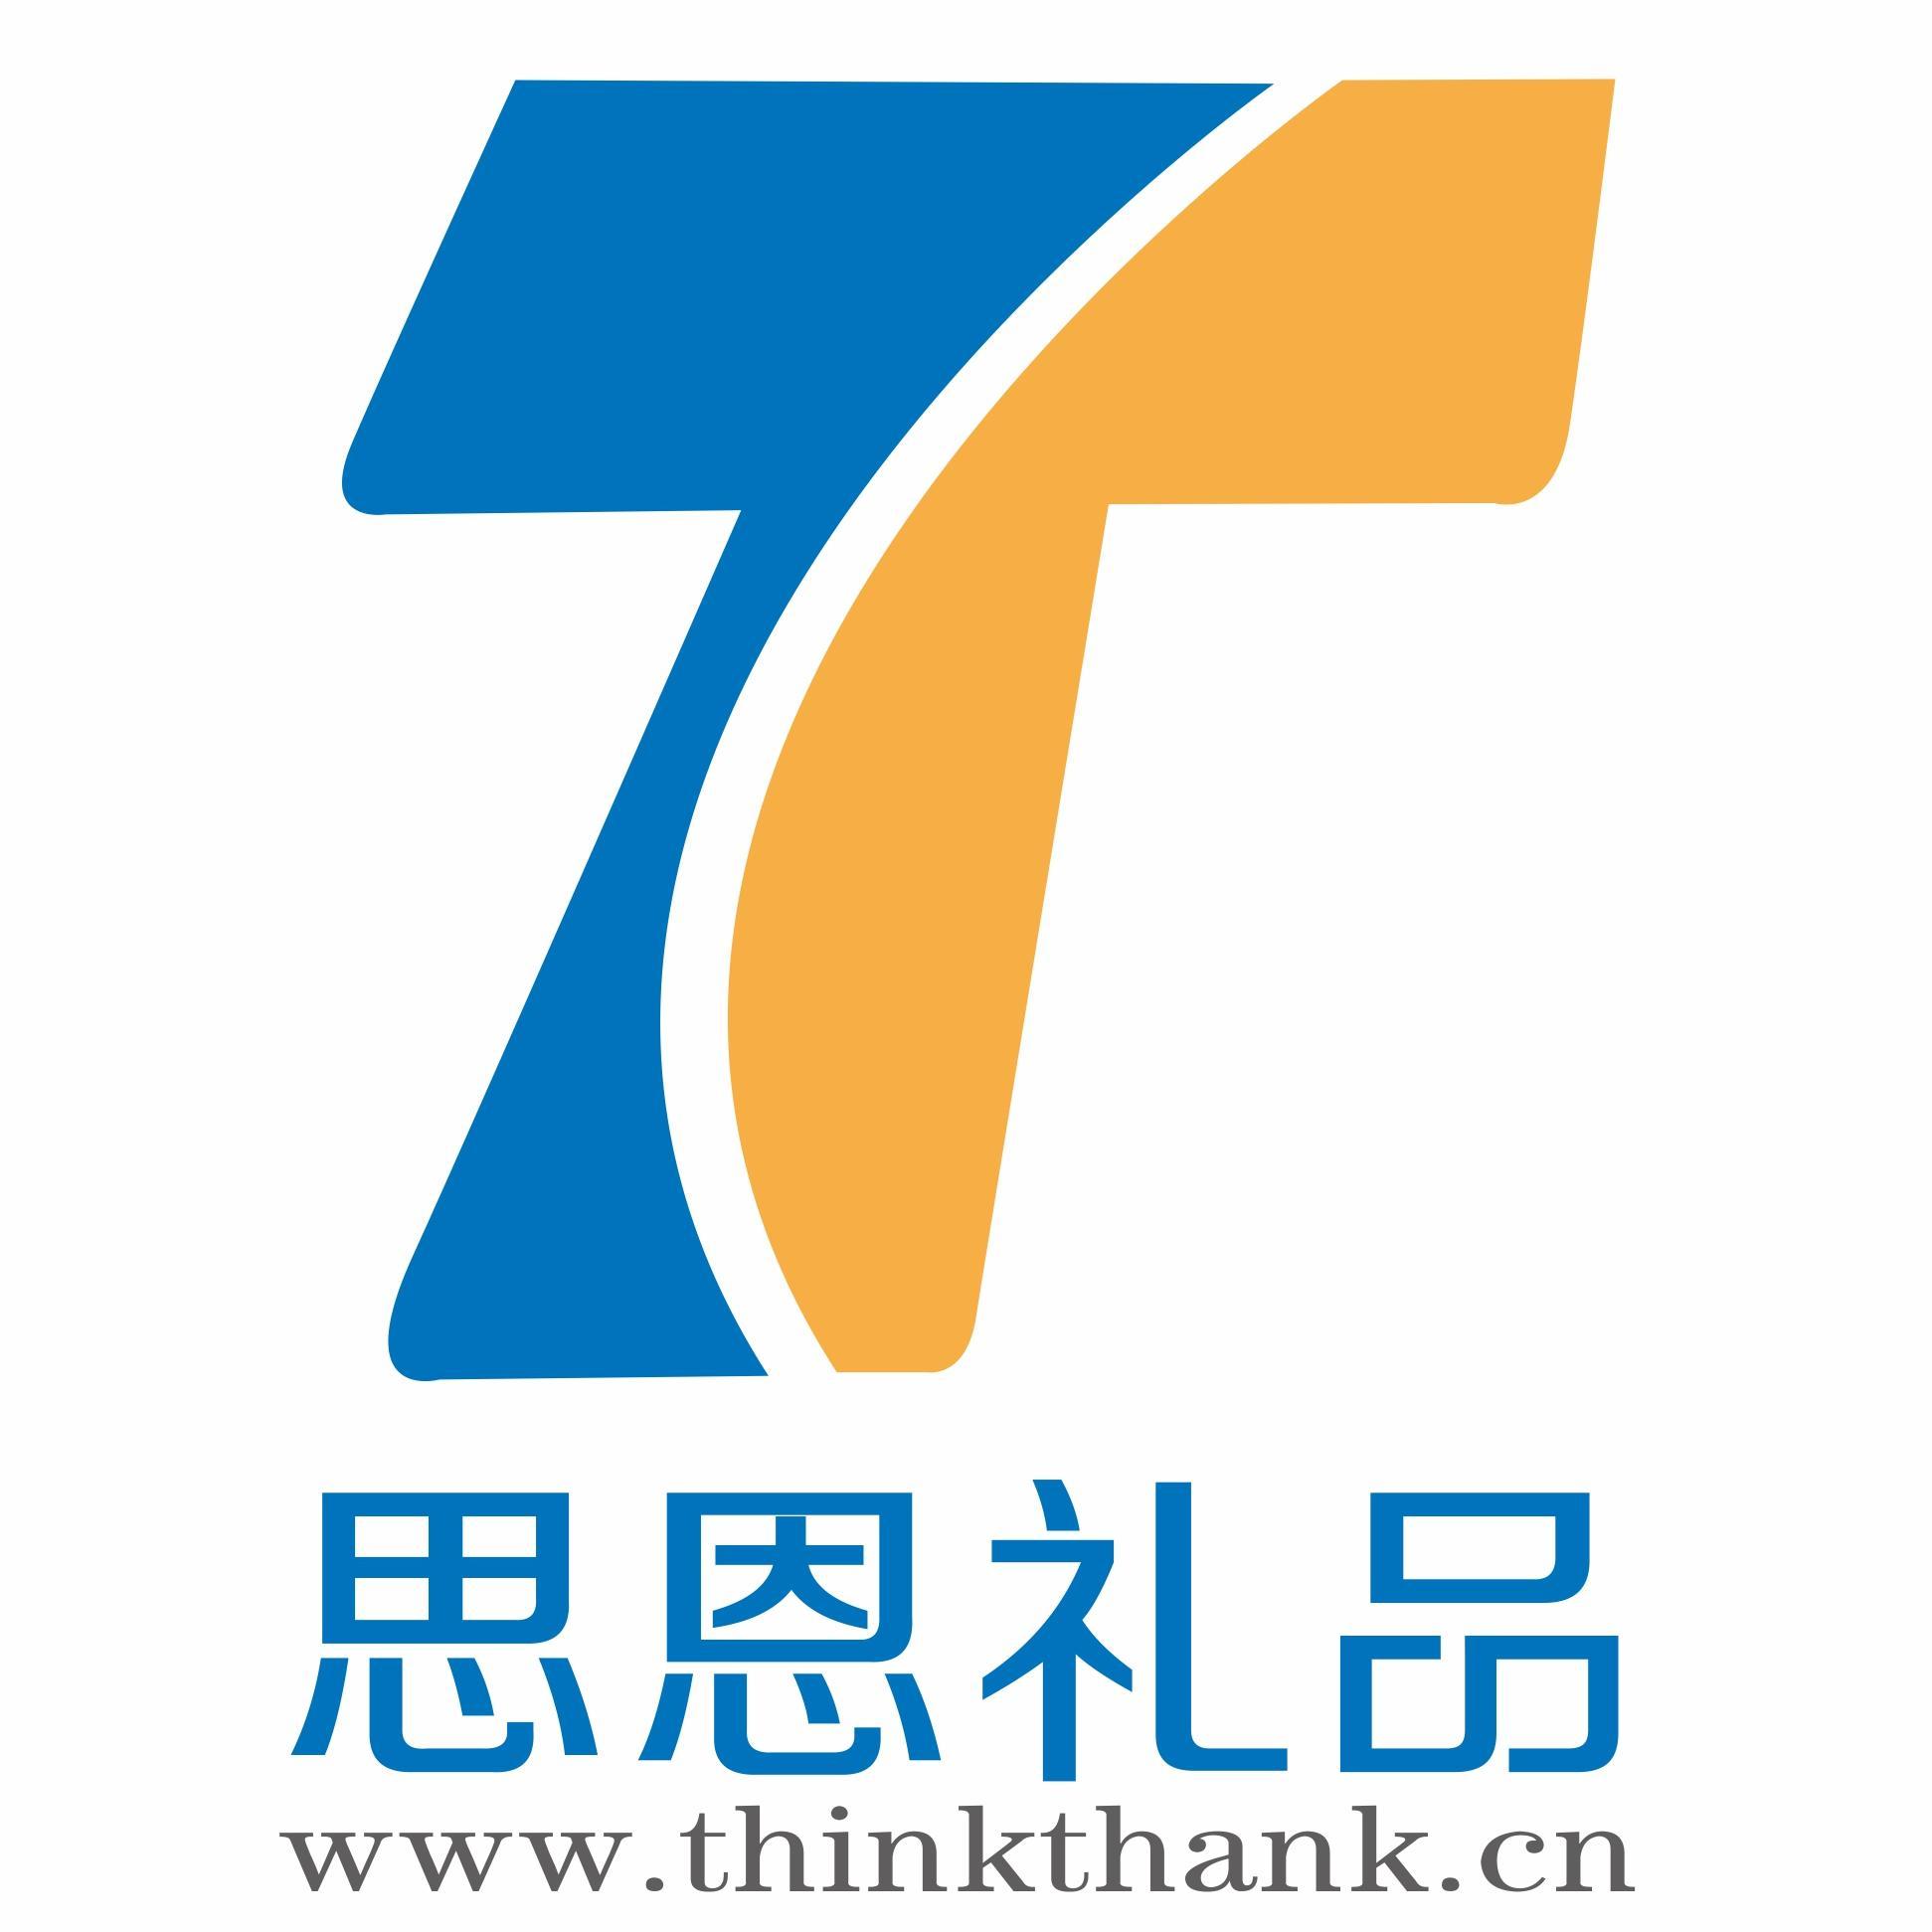 logo logo 标志 设计 矢量 矢量图 素材 图标 1943_1943